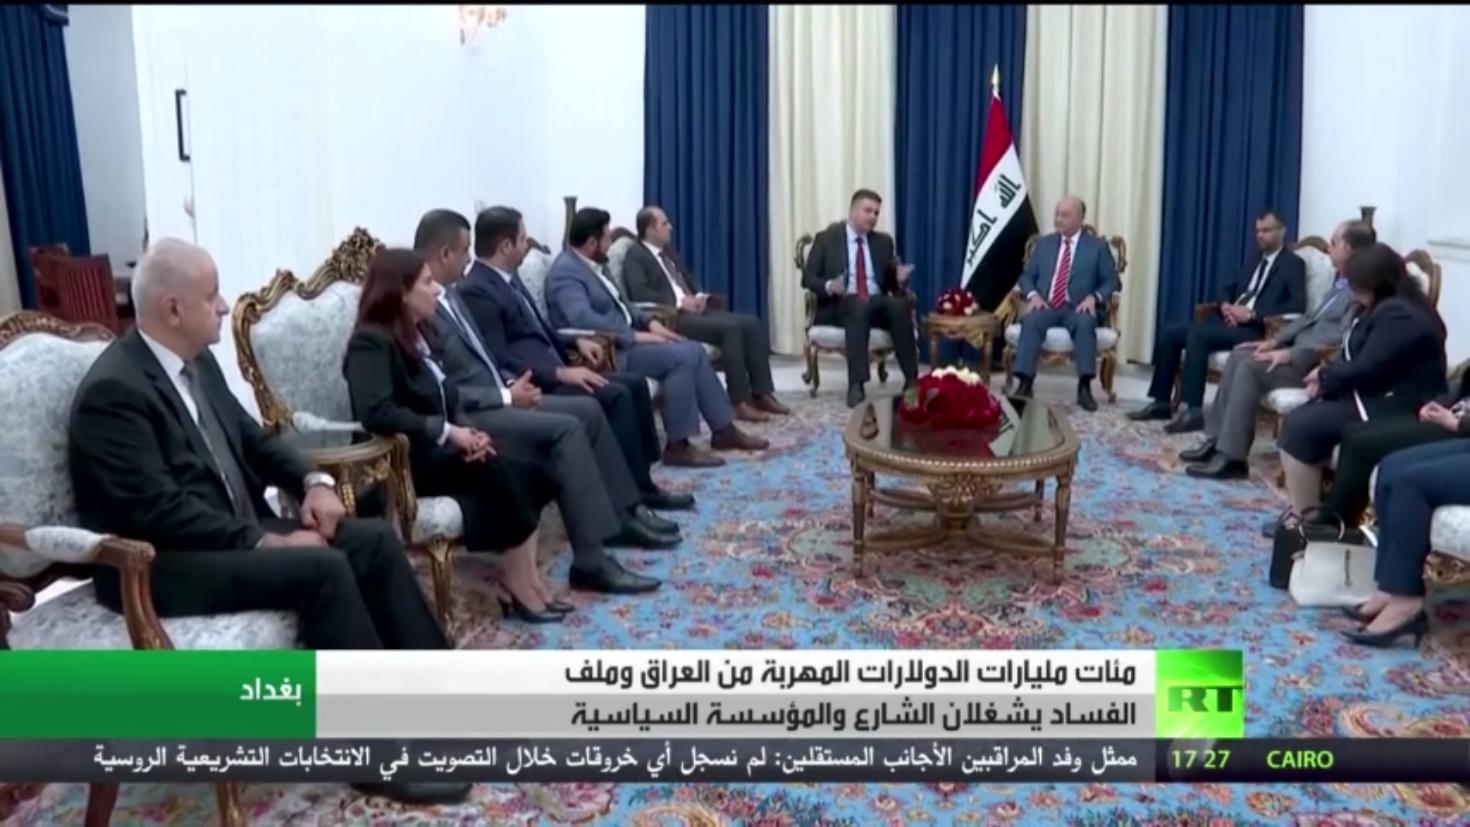 الفساد في العراق.. مئات المليارات المهربة